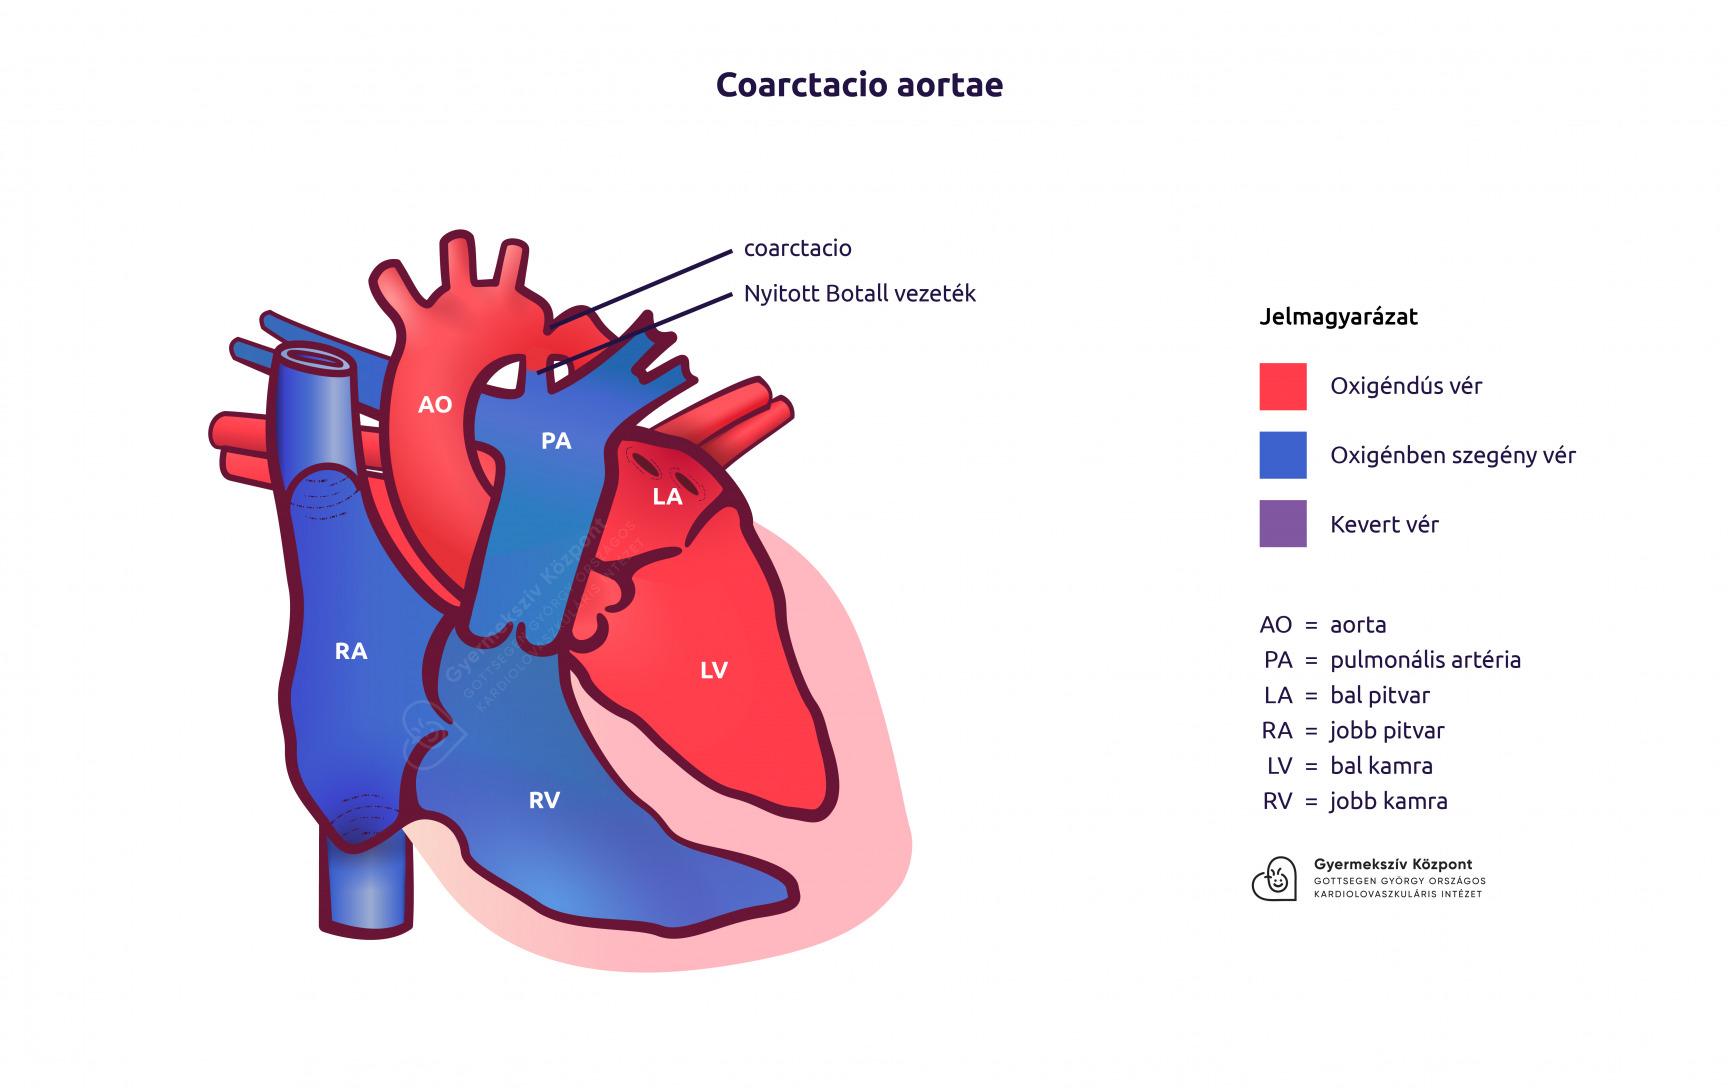 a magas vérnyomás aorta kezelésének koarktációja